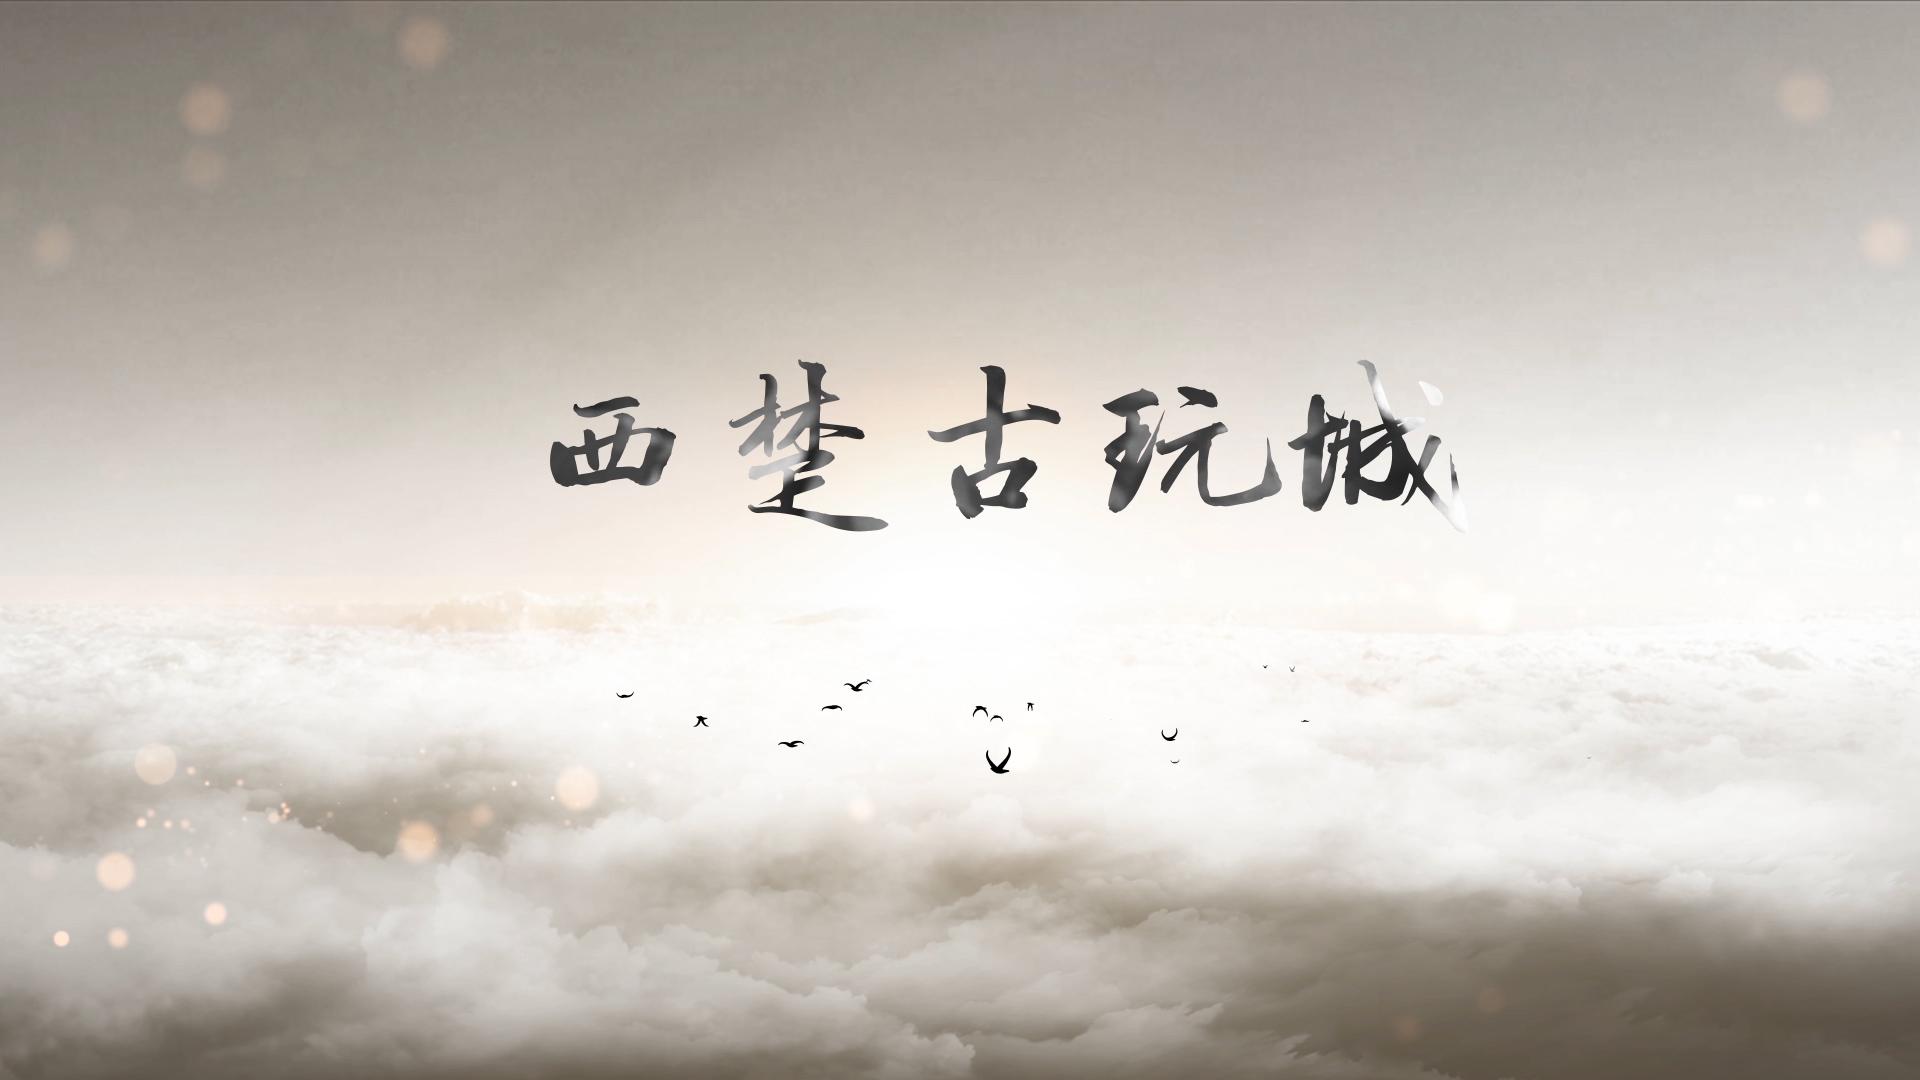 【魅力宿迁】之西楚古玩城